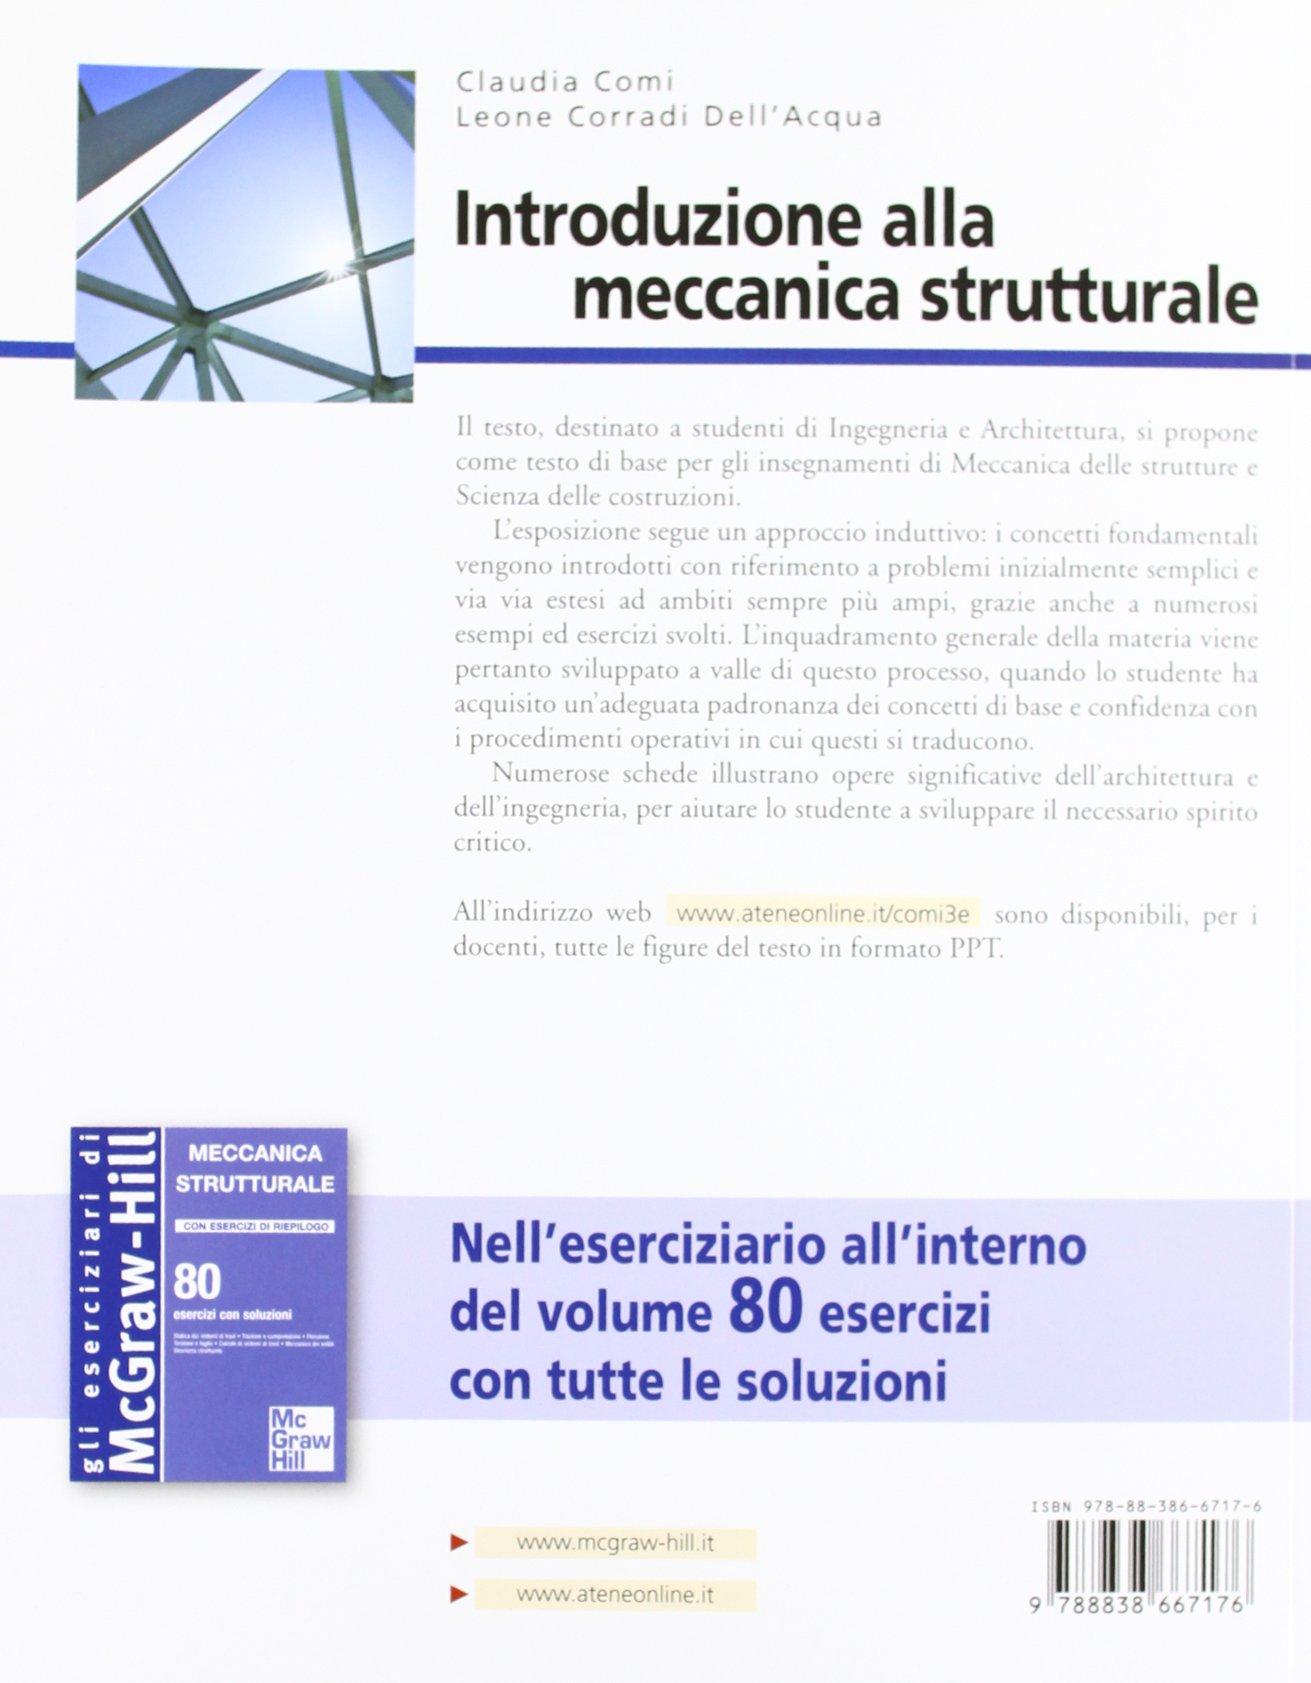 Meccanica strutturale alla pdf introduzione